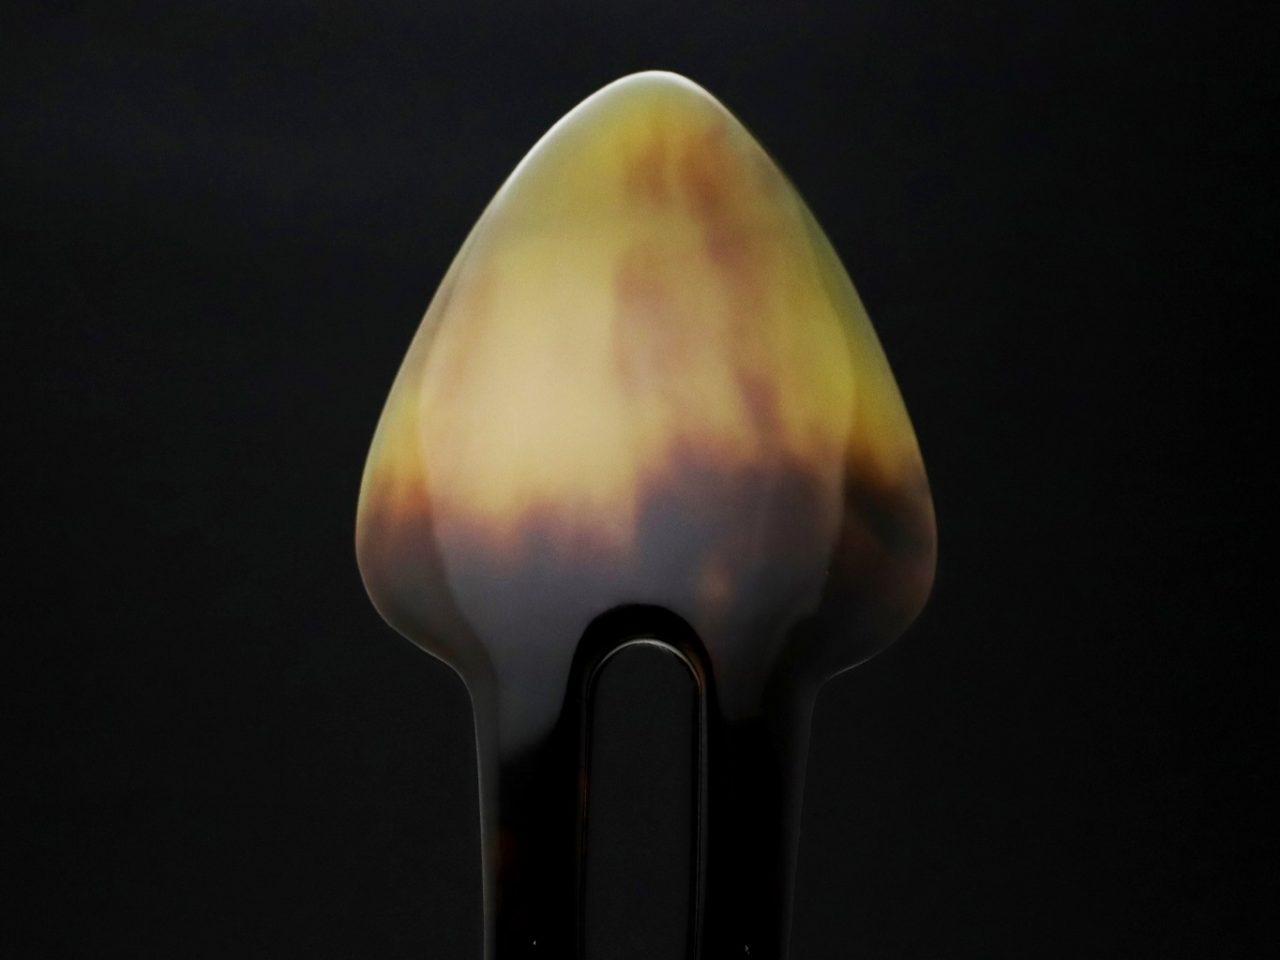 べっ甲特有の天然模様が美しい、普段使いの茨布べっ甲かんざし2020・2種|ユニークな形状のかんざし。